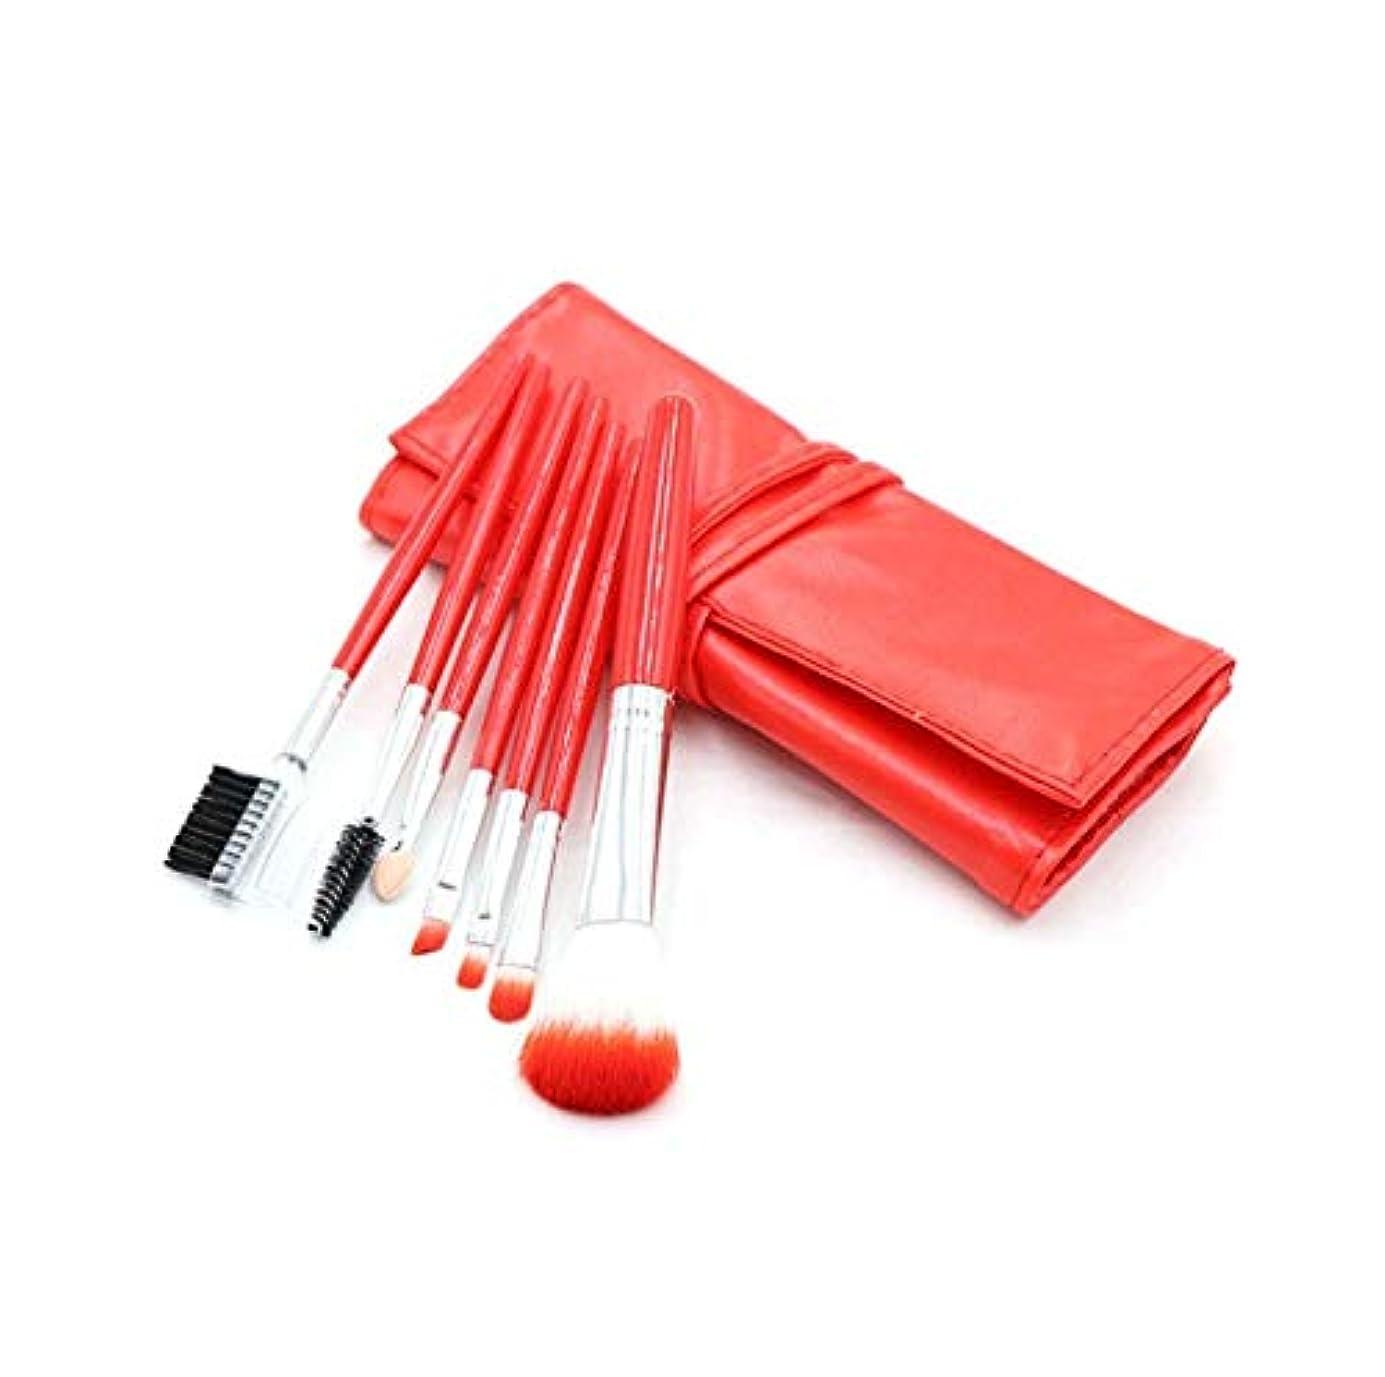 化粧ブラシセット、赤7化粧ブラシ化粧ブラシセットアイシャドウブラシリップブラシ美容化粧道具